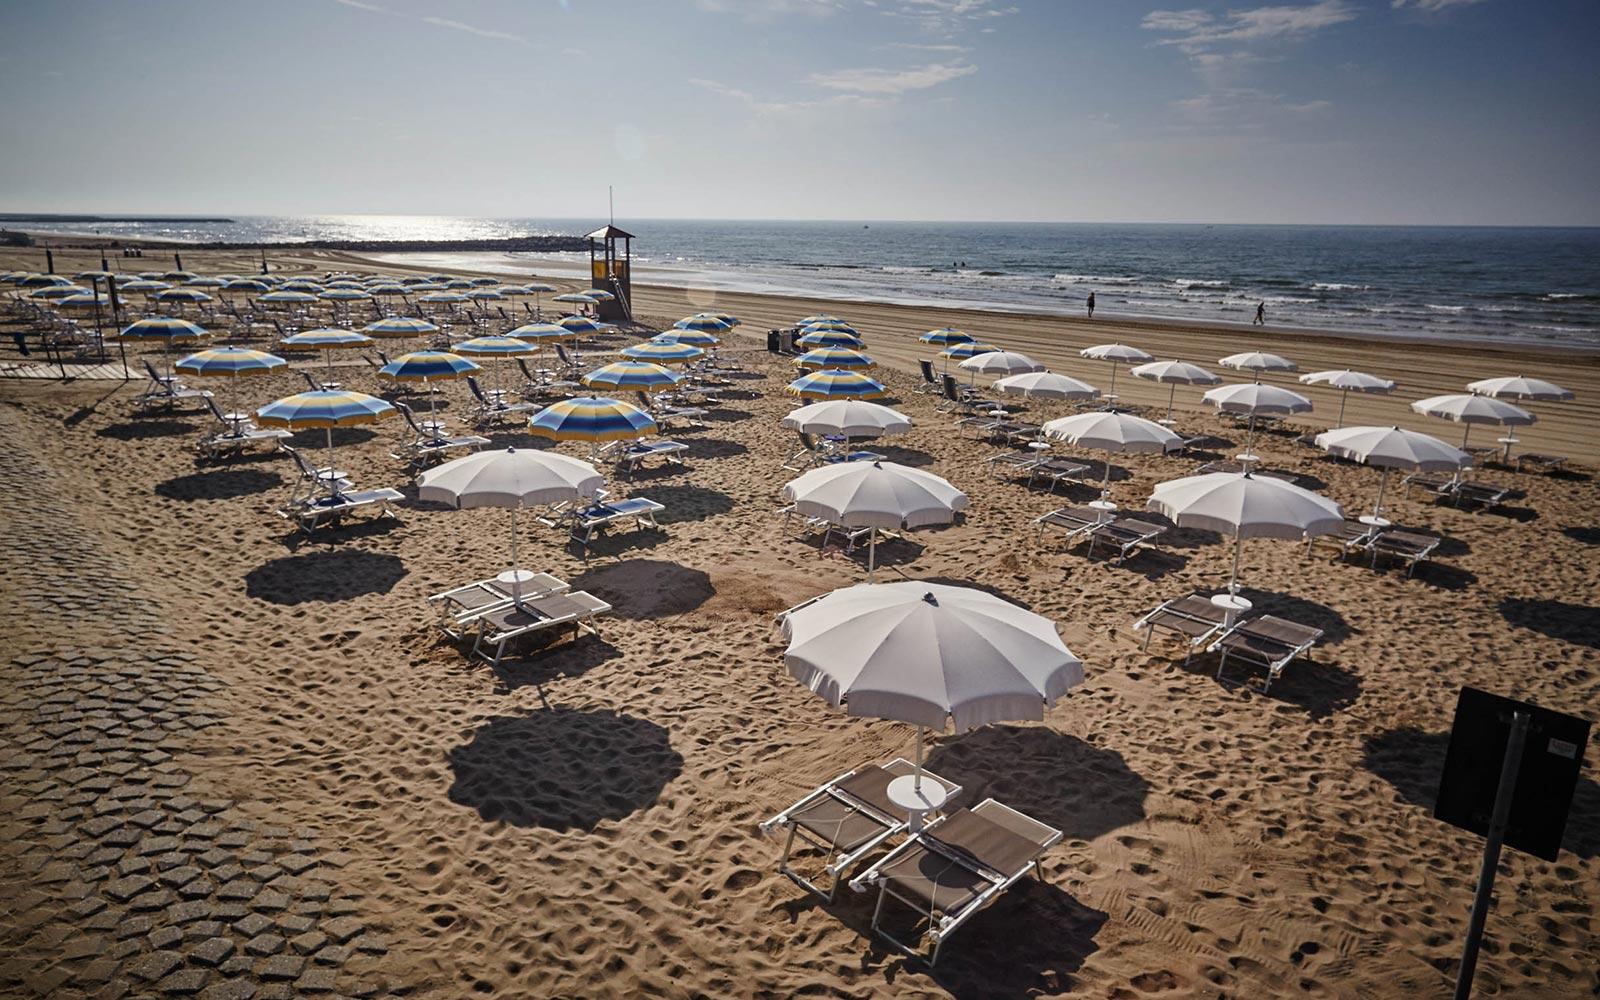 1. Spiaggia Cavallino